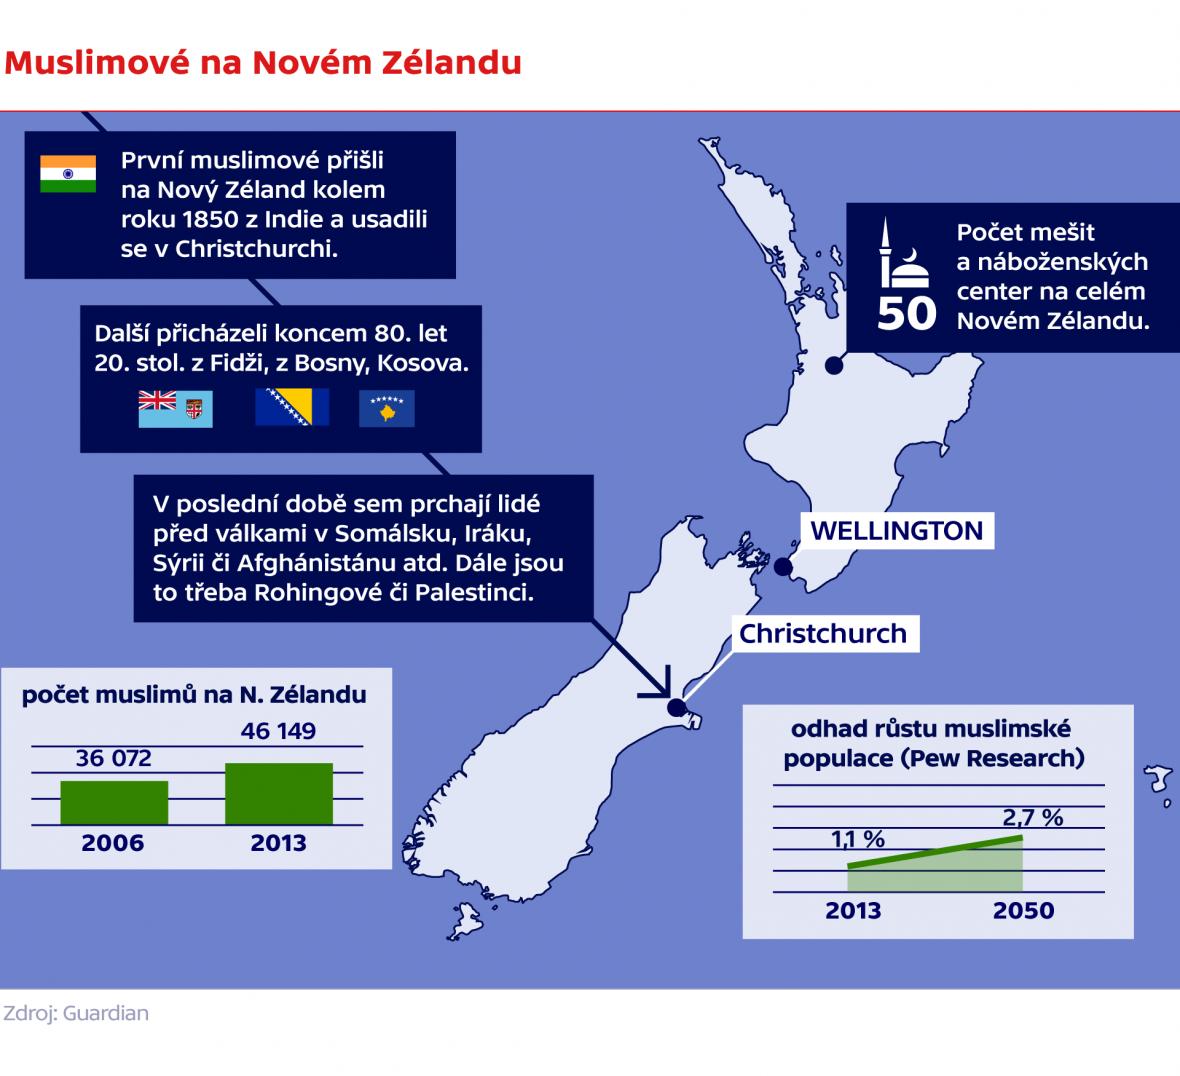 Muslimové na Novém Zélandu